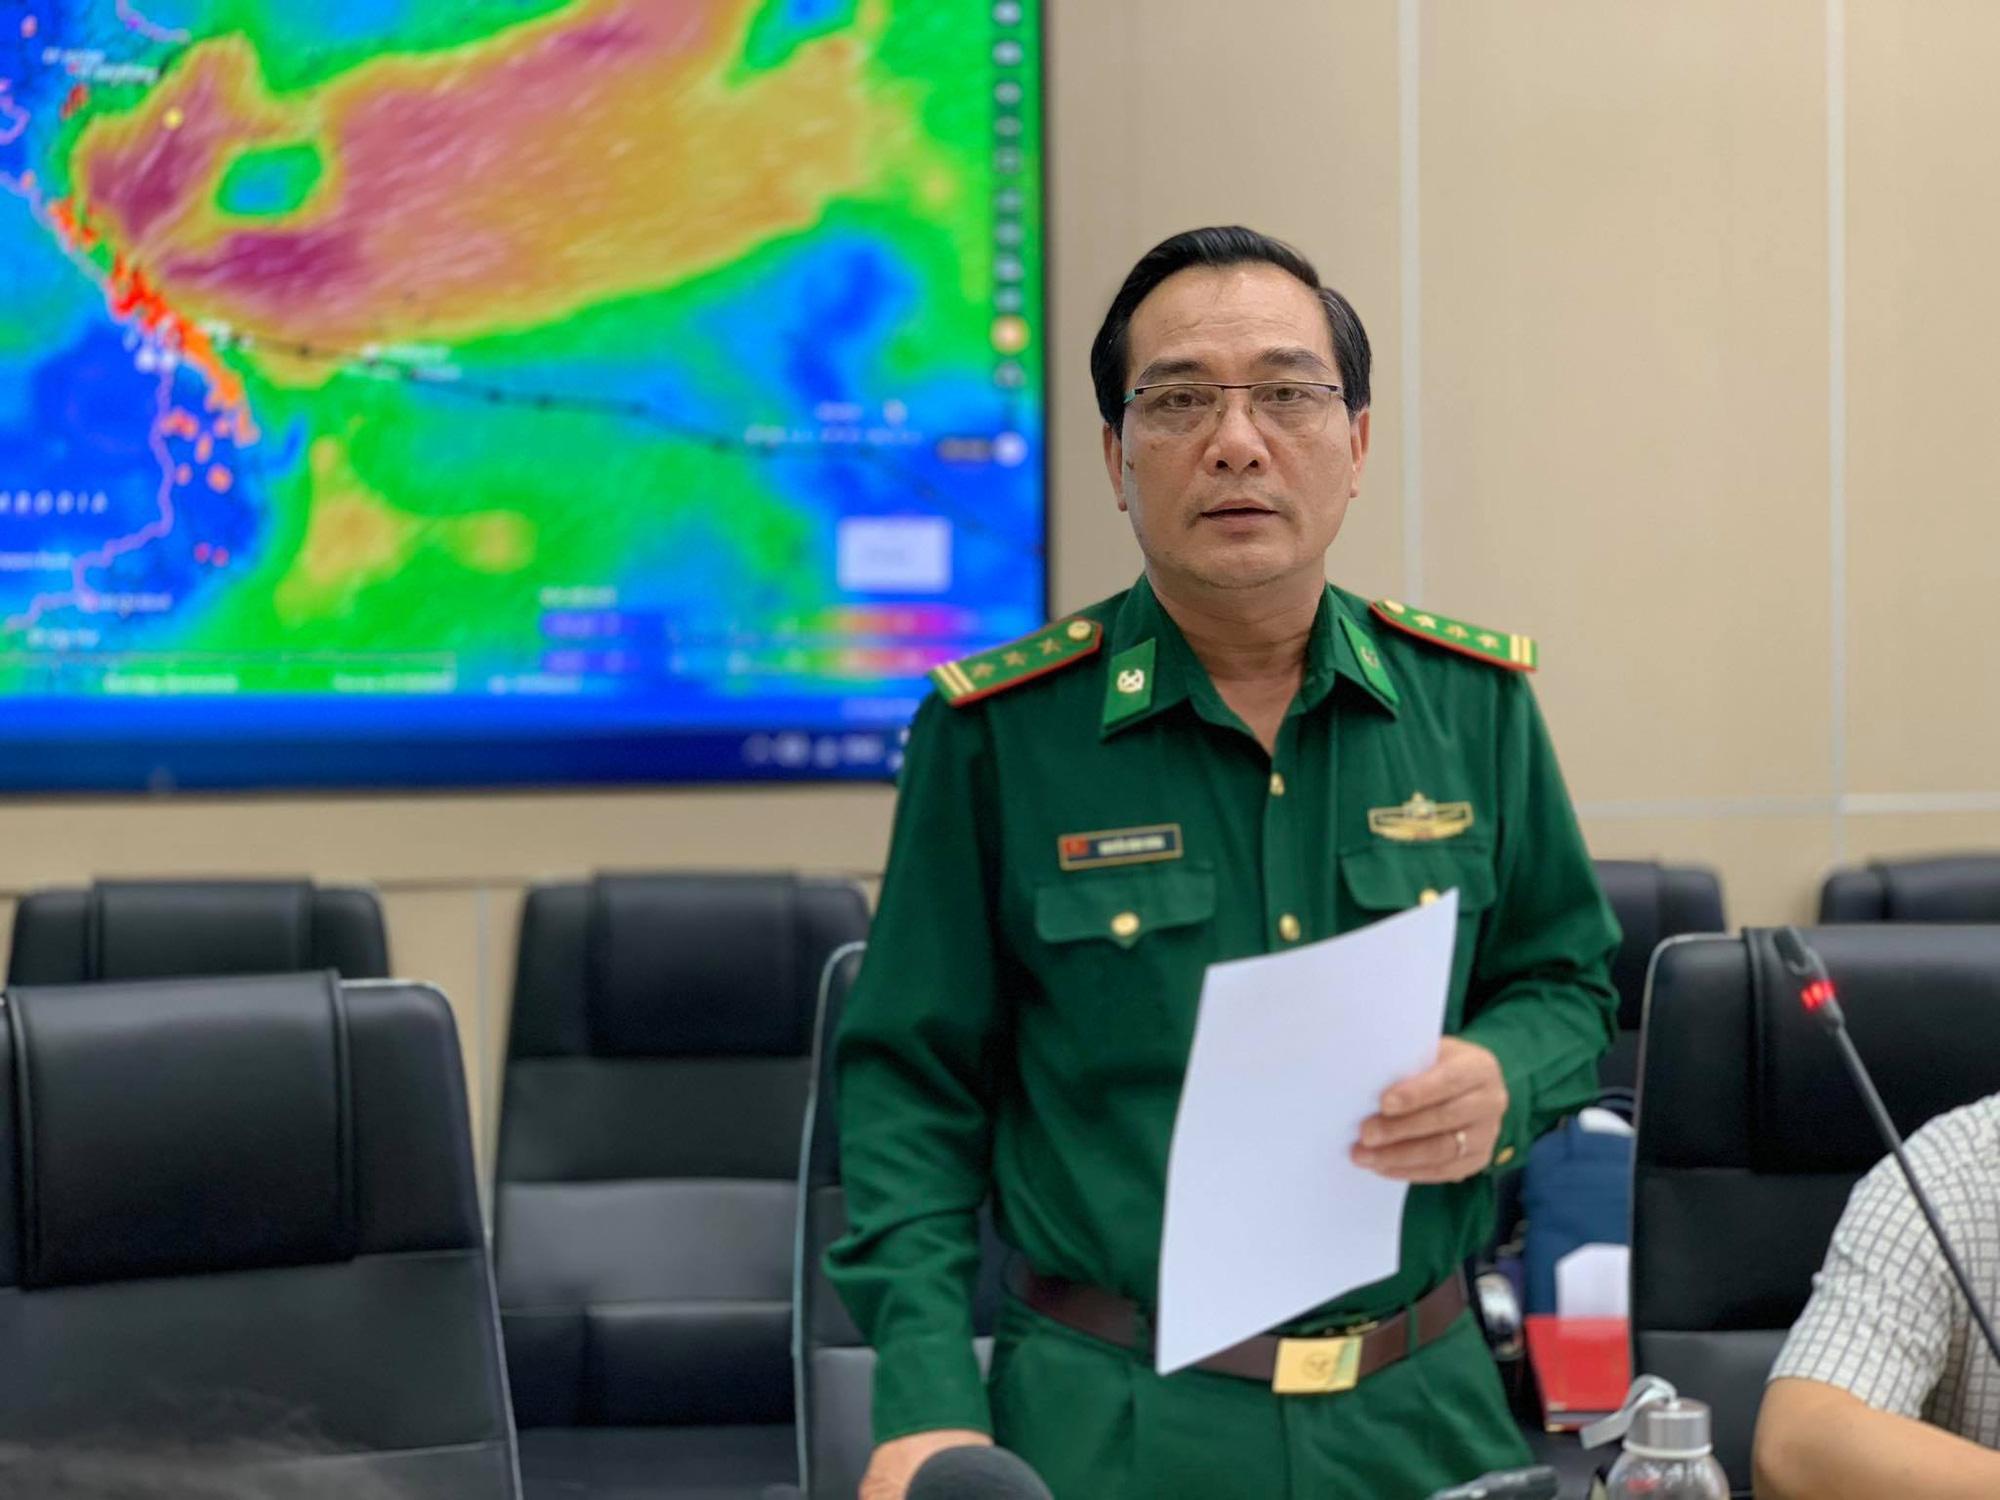 Quảng Trị: Sạt lở kinh hoàng ở Đoàn Kinh tế - Bộ Quốc phòng vùi lấp khoảng 20 cán bộ, chiến sĩ - Ảnh 1.